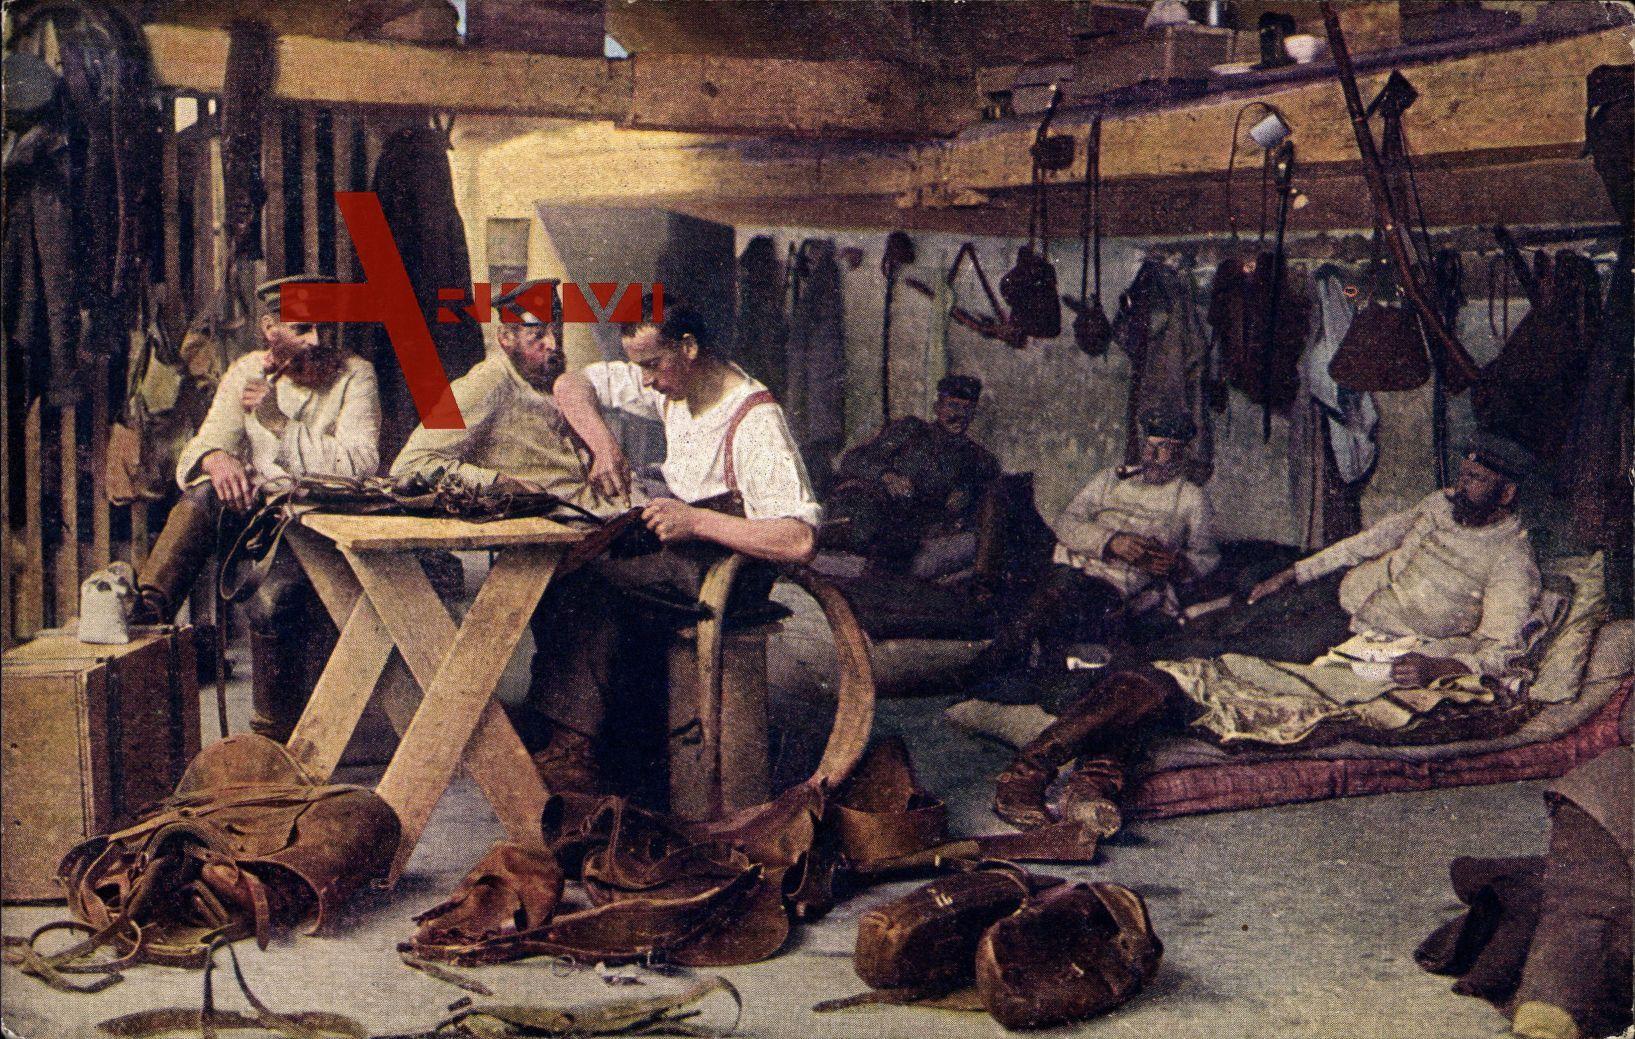 Feldsattlerei, Krieg 1914, Sattelmacher bei der Arbeit